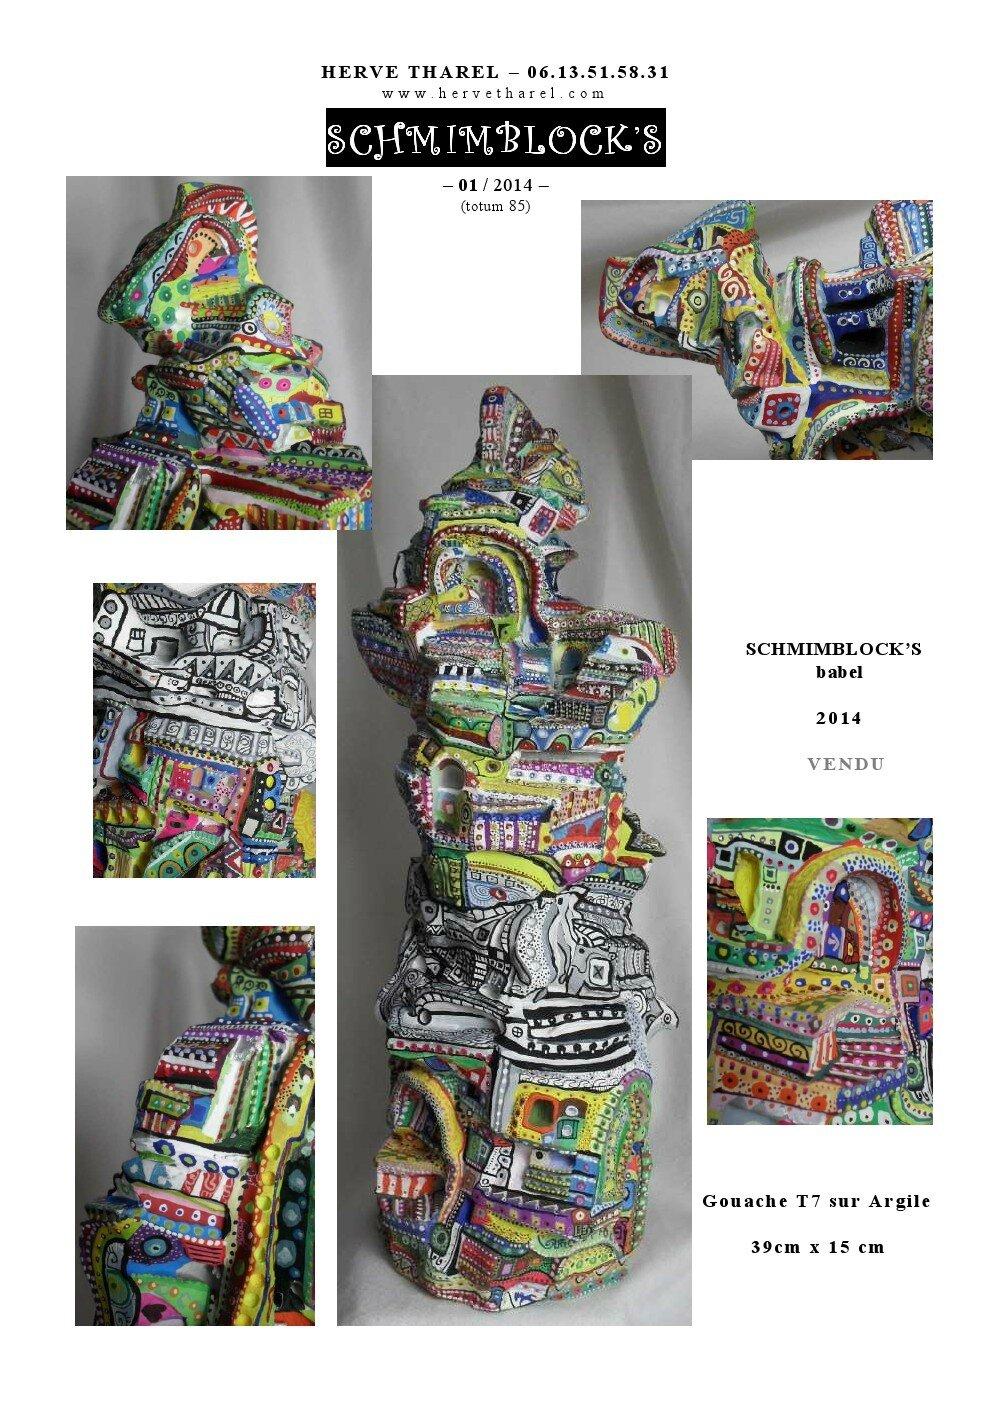 page 1 2014-TOTUM 85 SCHMIMBLOCK'S babel Gouache T7 sur Argile 39cm x 15 cm